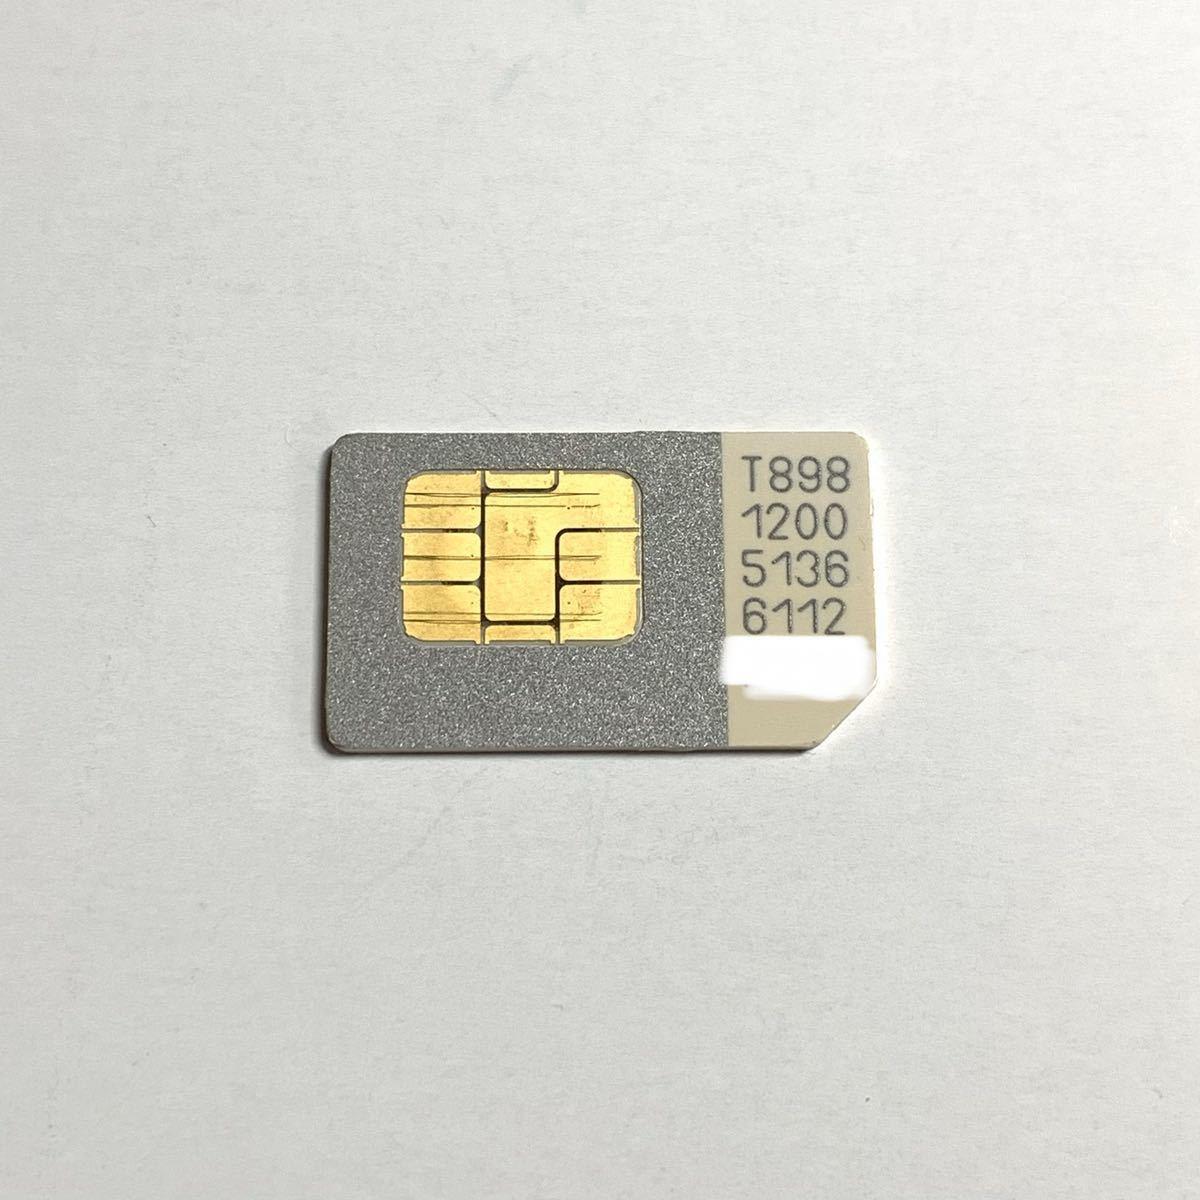 アクティベーション等 解約済SIMカード 標準SIM ソフトバンク T15670_画像1